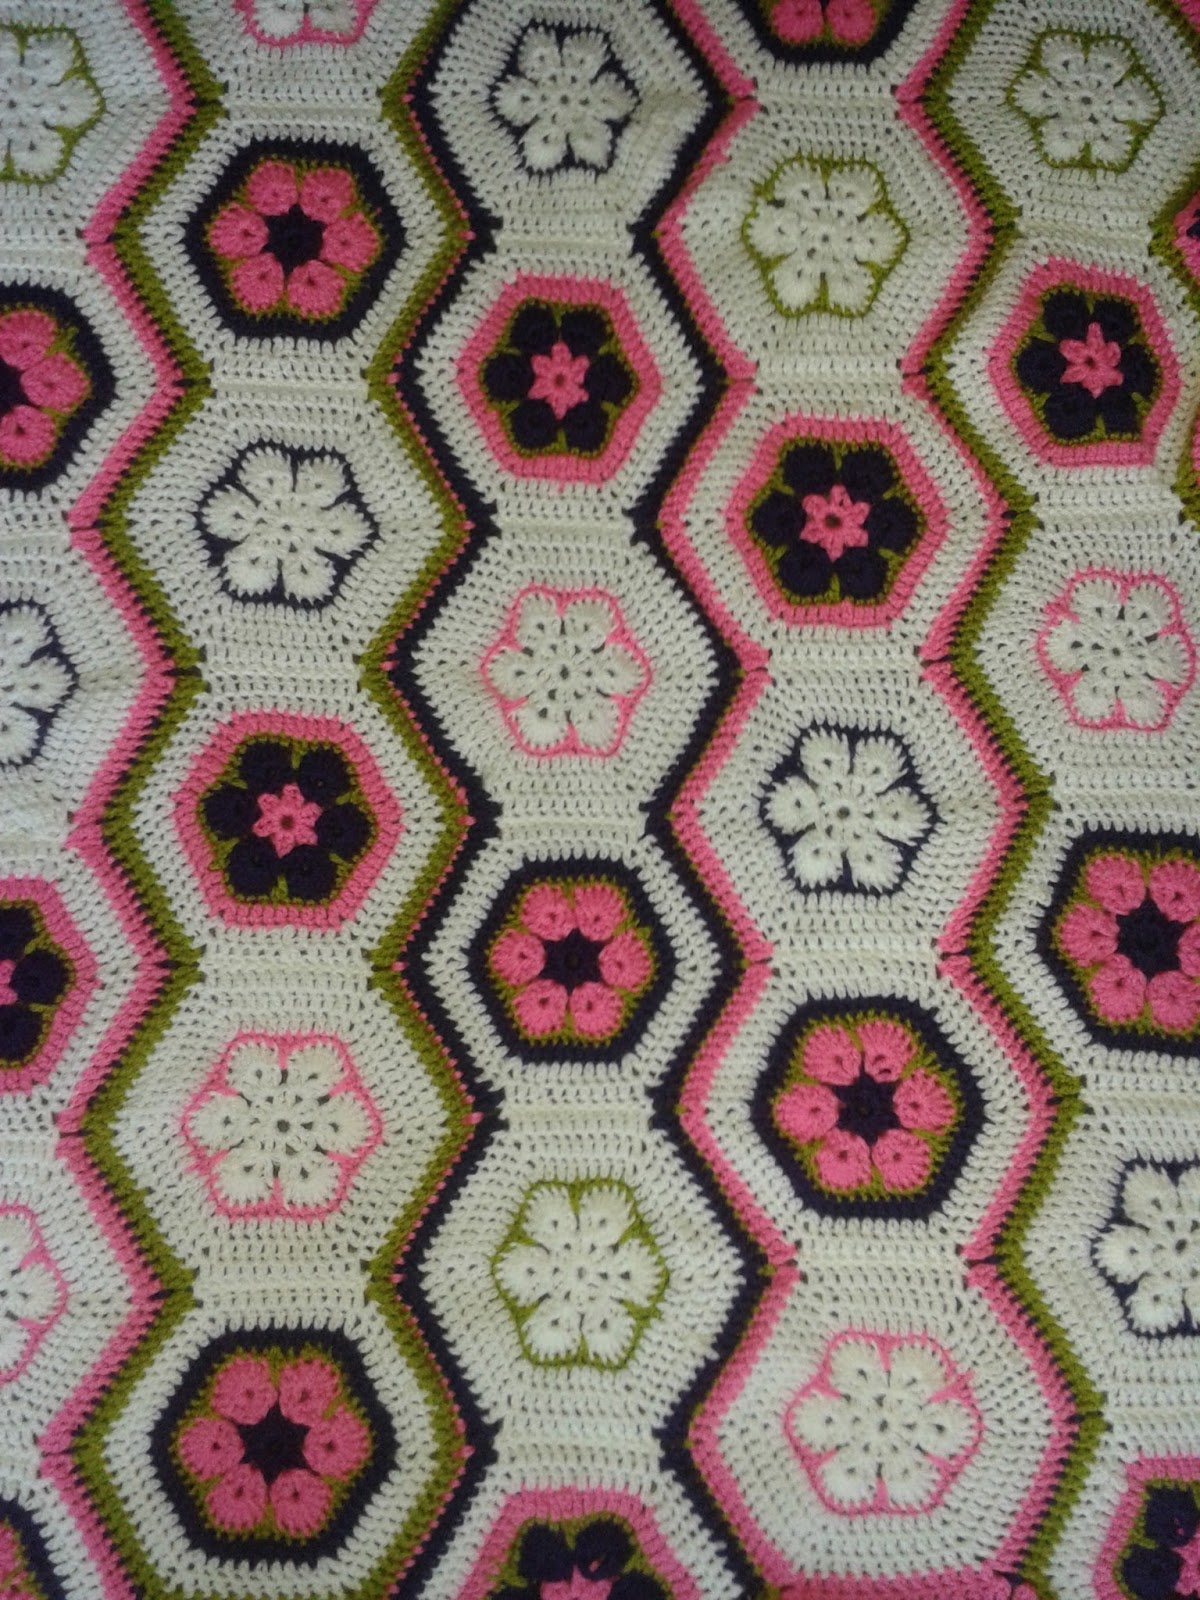 Handmade With Love Crochet: African Flower Bed Runner